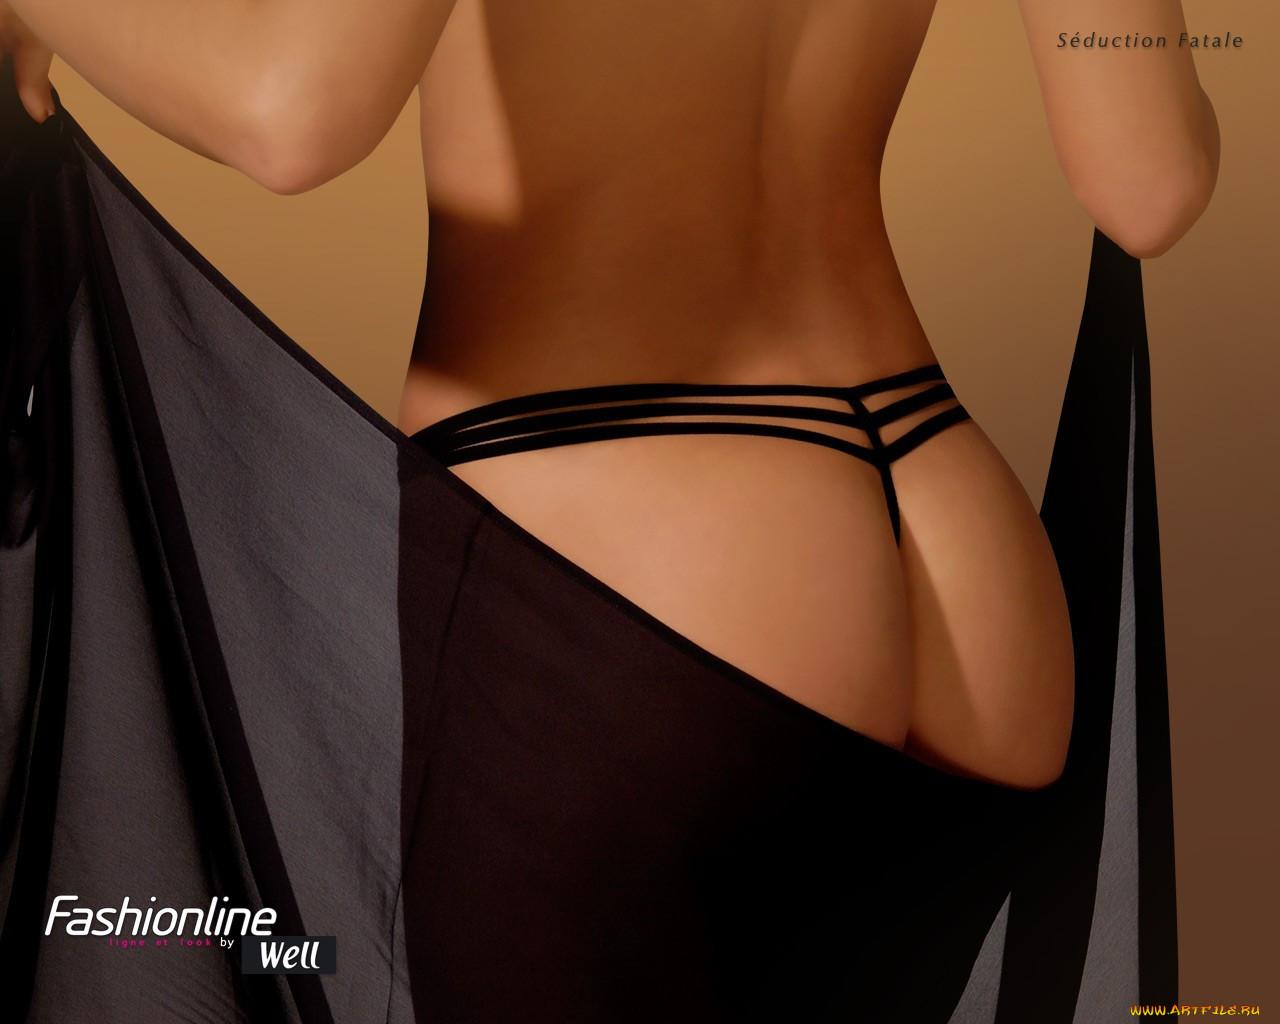 Фото девушка в чёрных стрингах 22 фотография